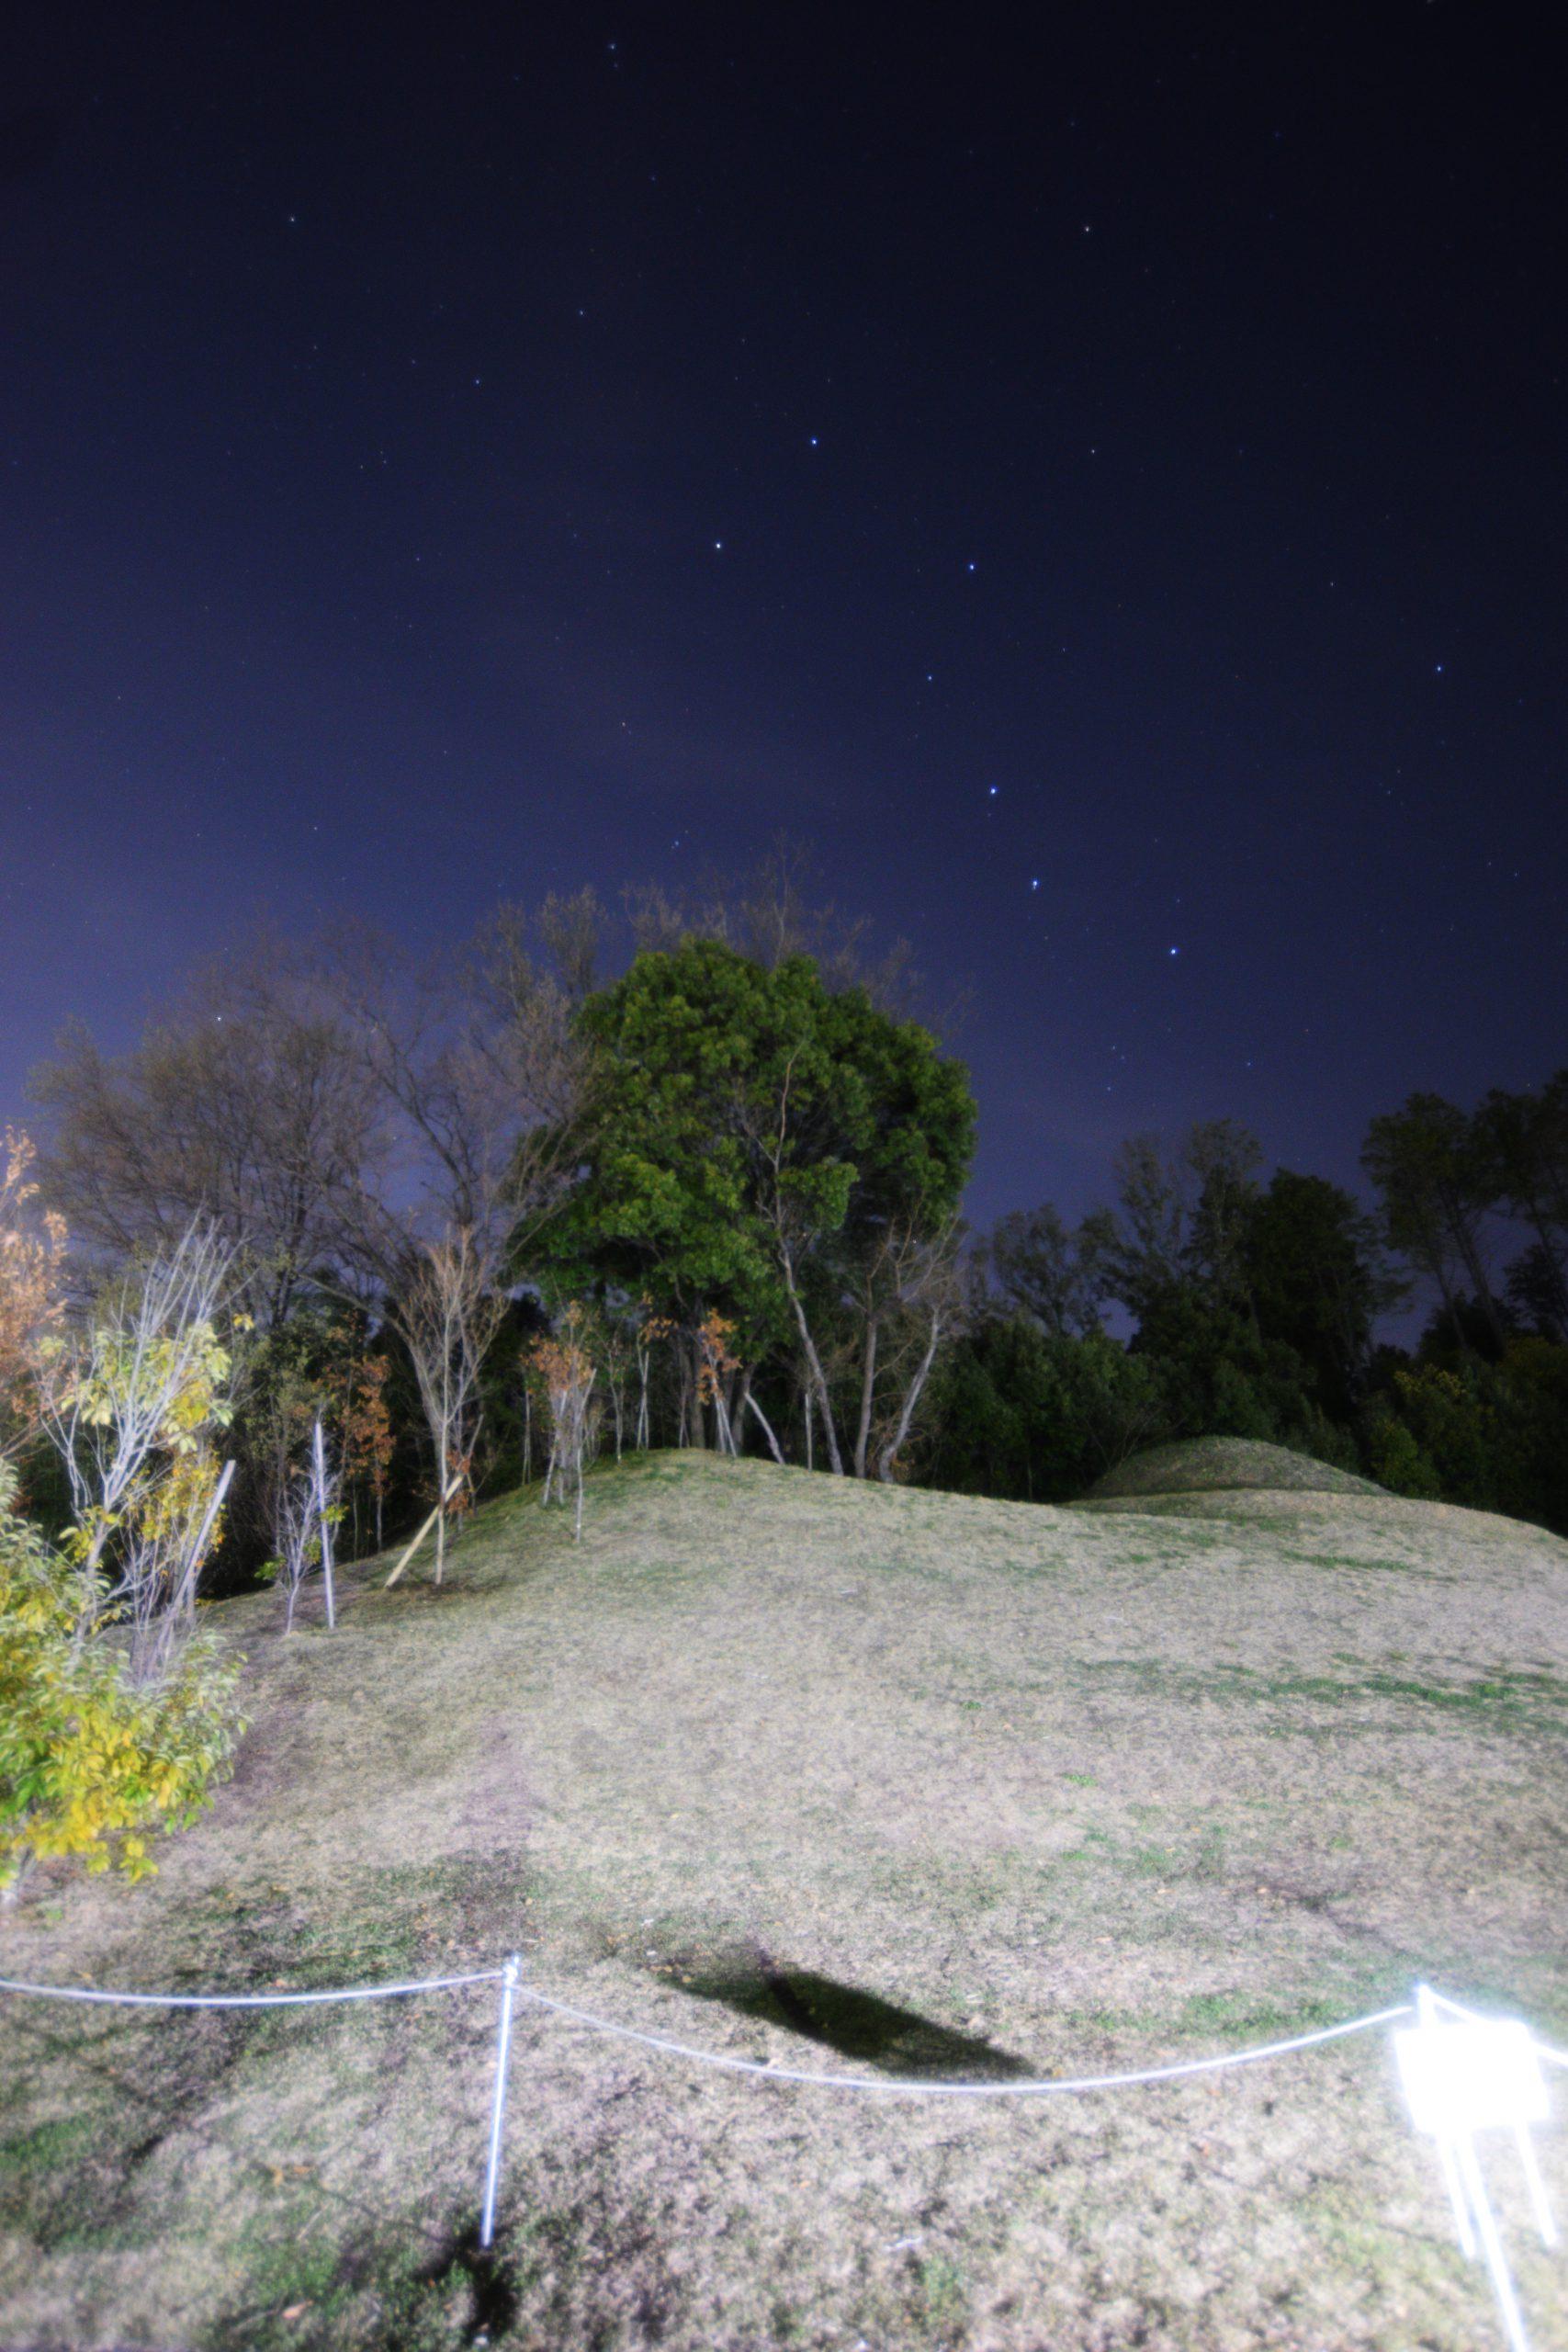 キトラ古墳上空に輝く北斗七星